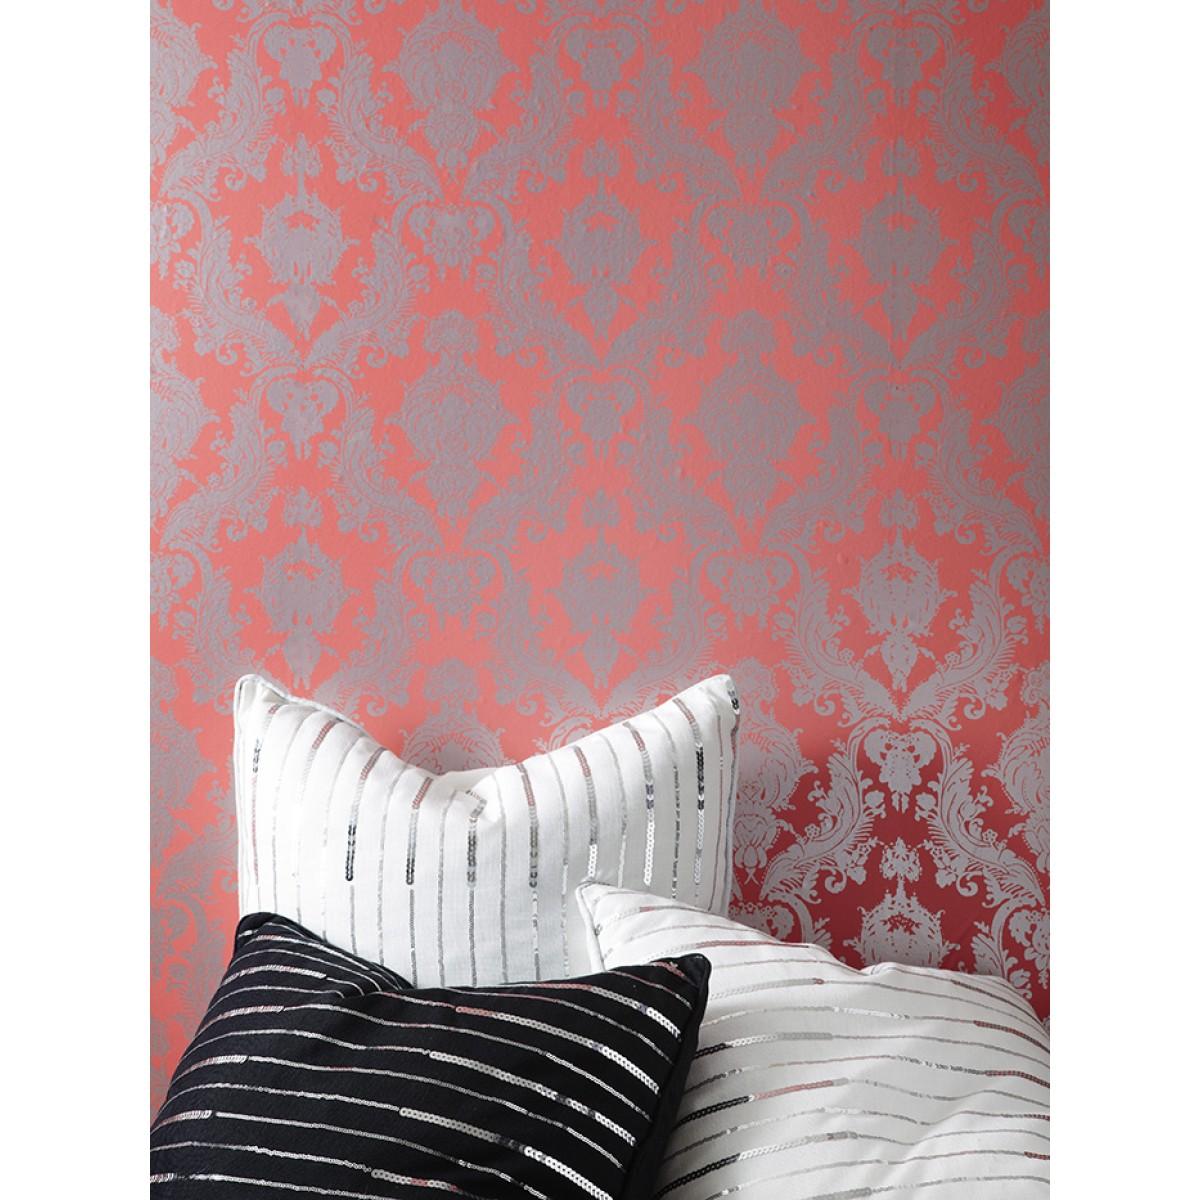 Tempaper DAMSEL Coral Wallpaper   Tempaper Designs 1200x1200